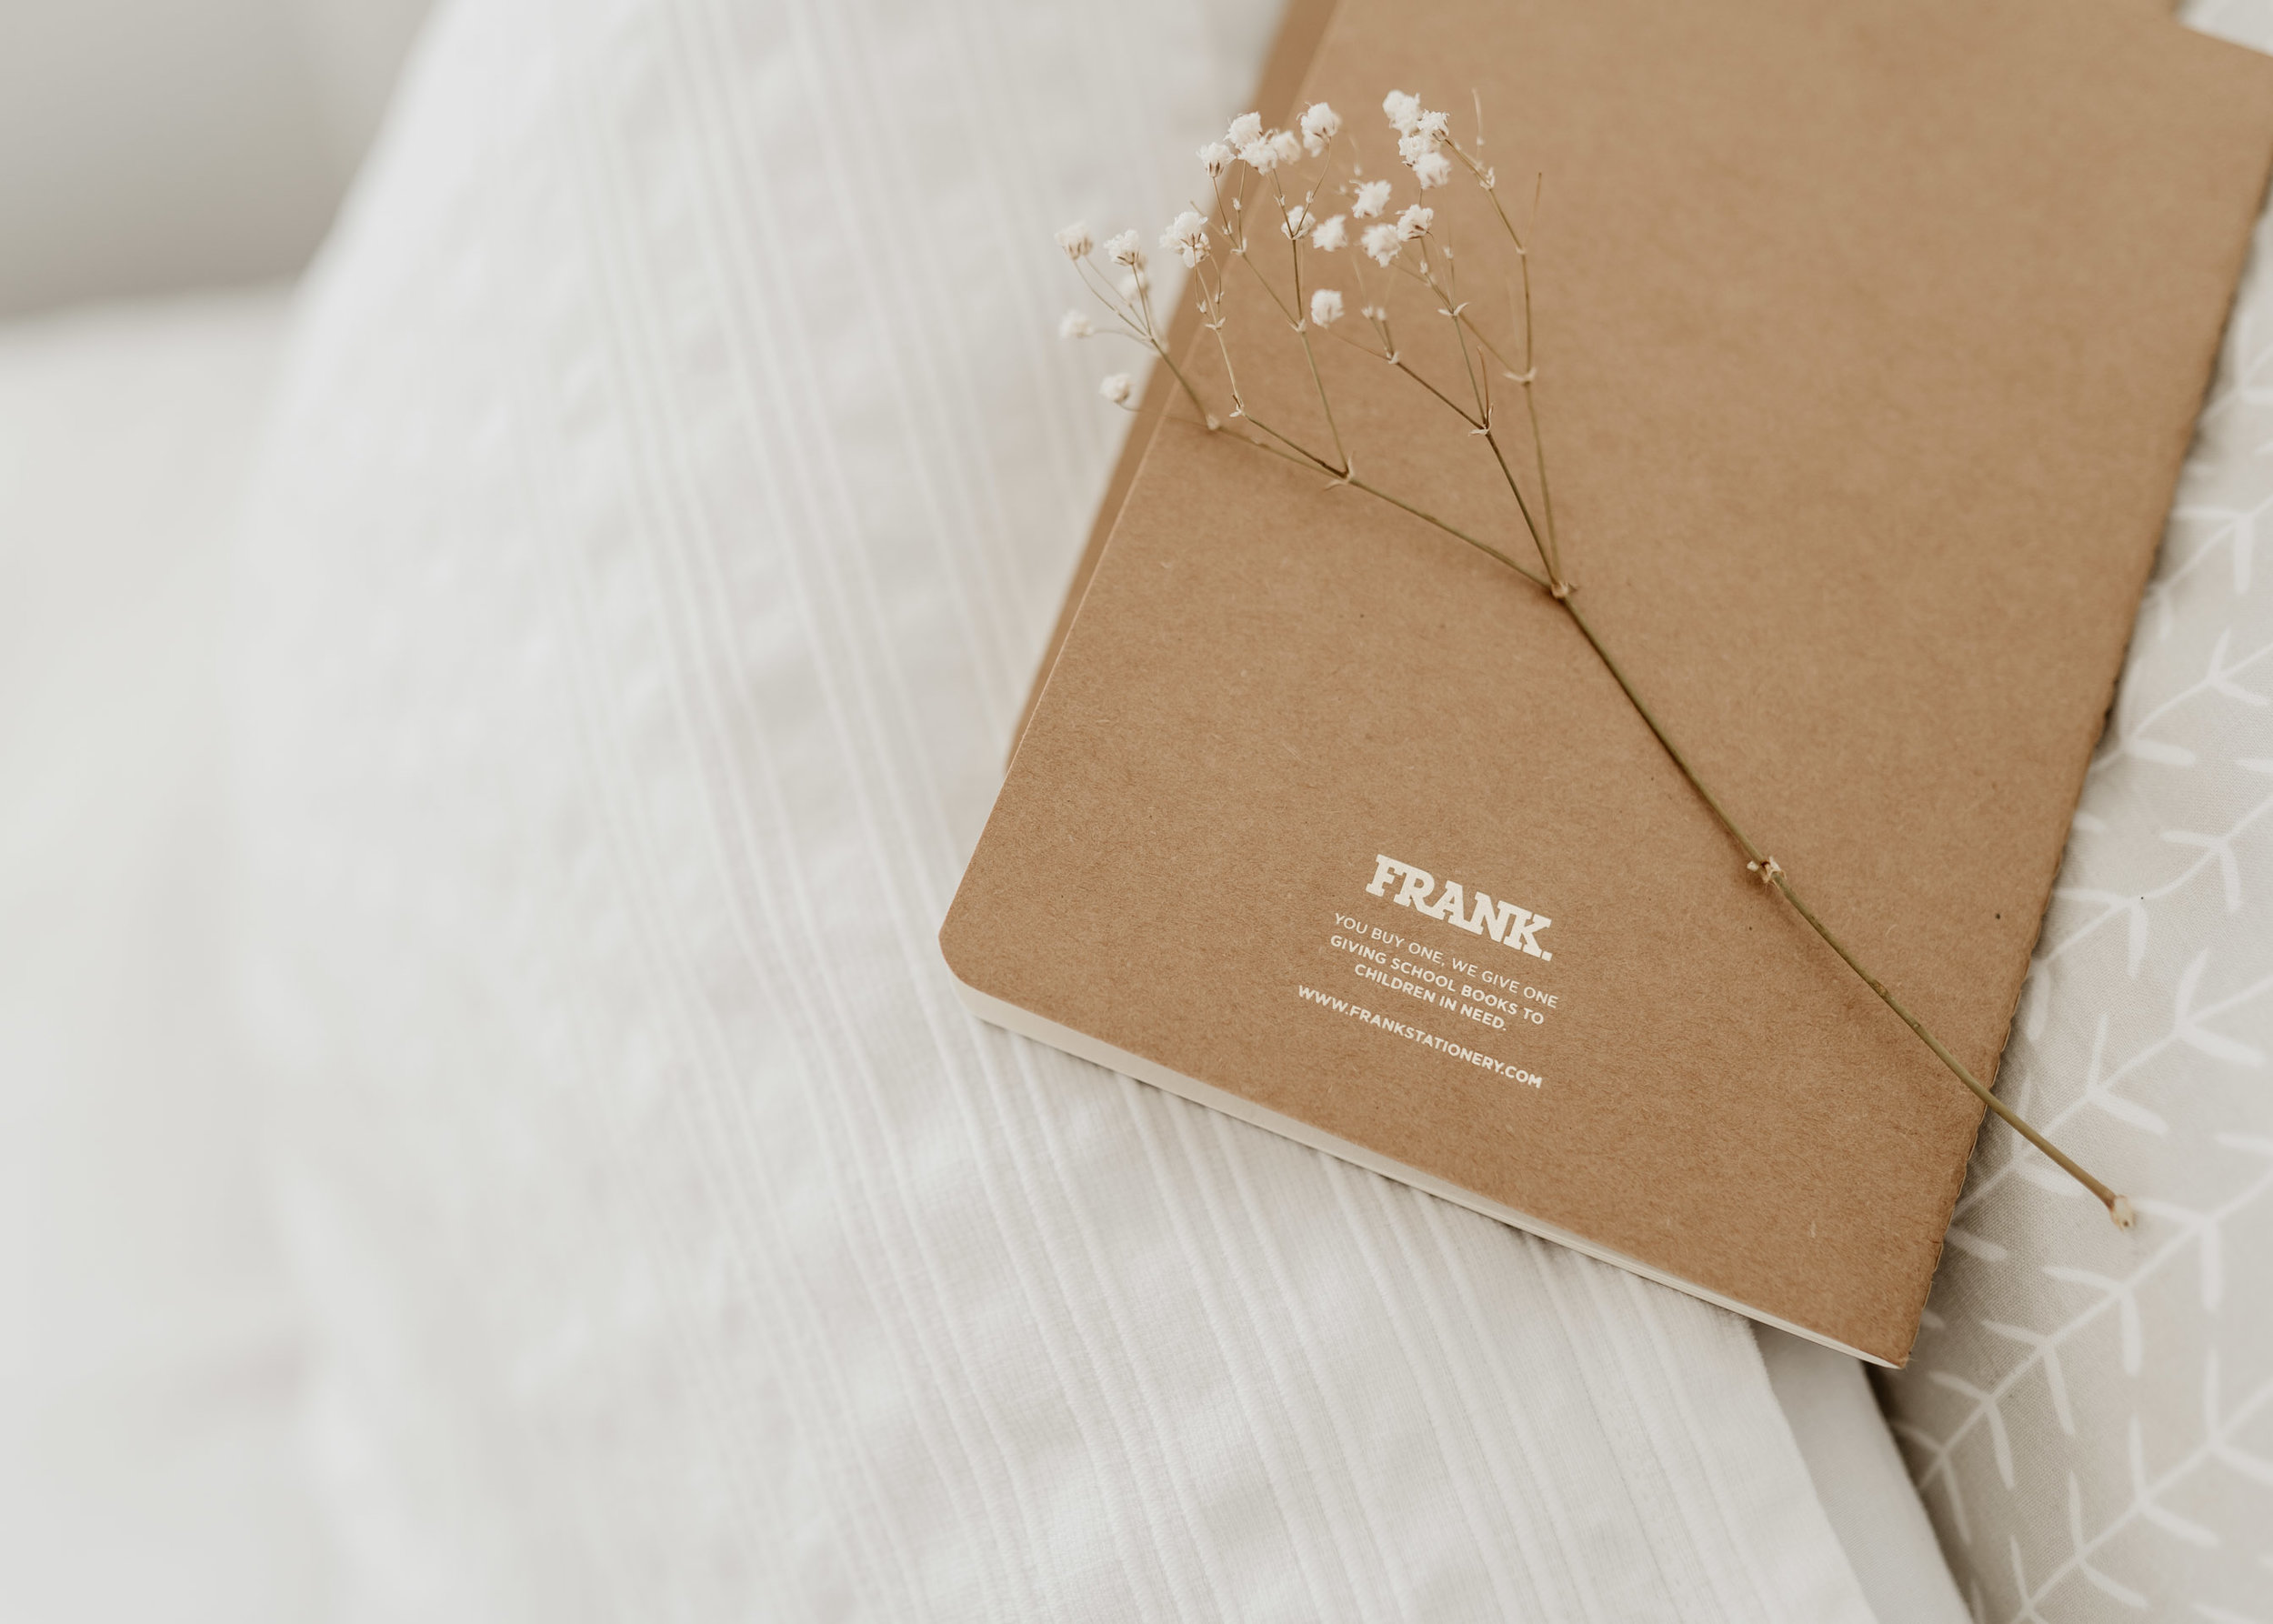 keira-mason-frank-stationery-natural-notebook.jpg